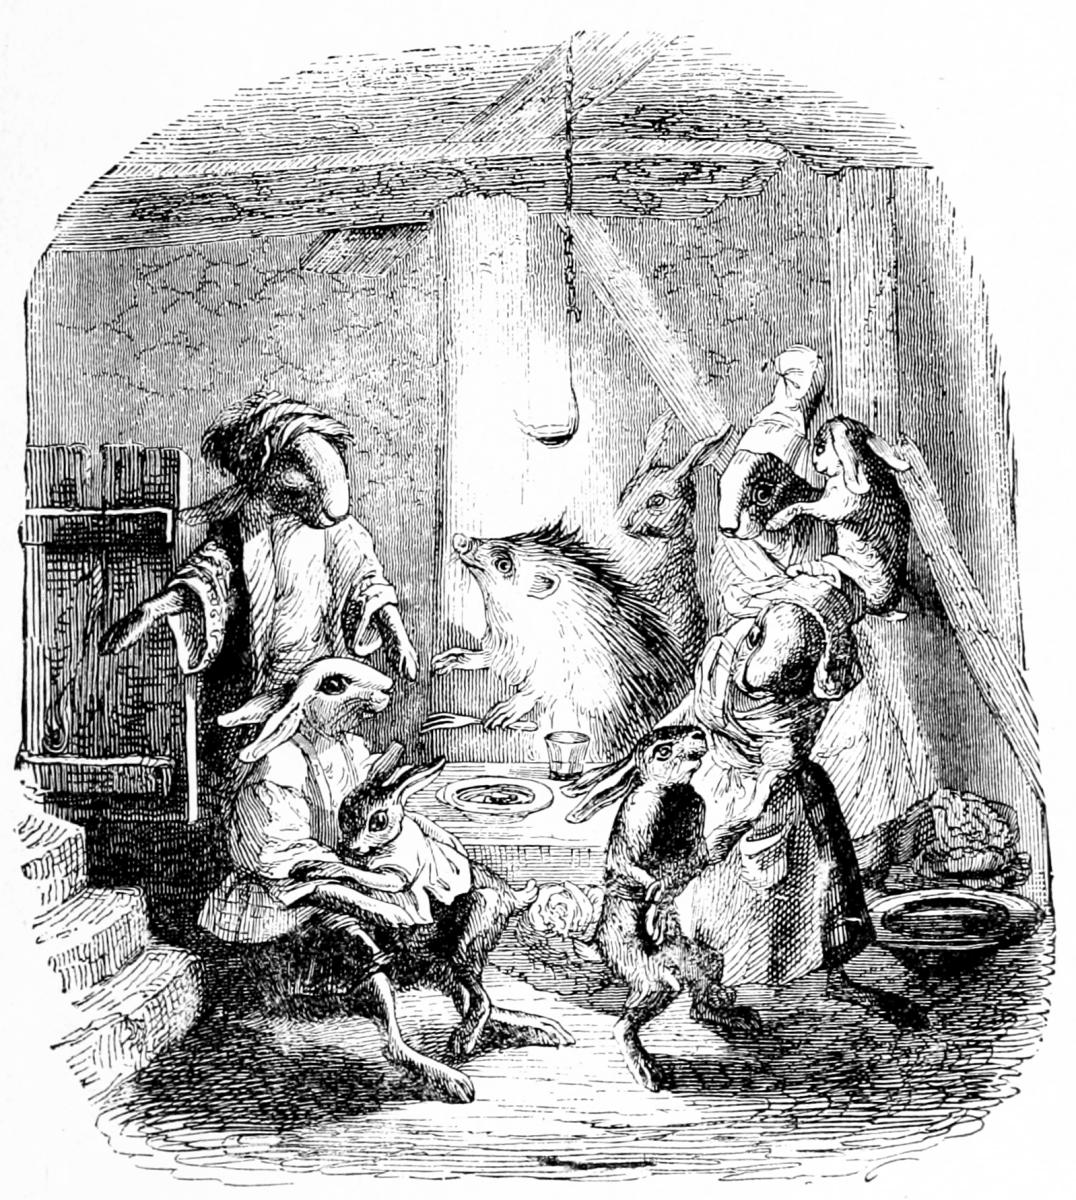 Жан Иньяс Изидор (Жерар) Гранвиль. Еж и Кролики. Иллюстрации к басням Флориана